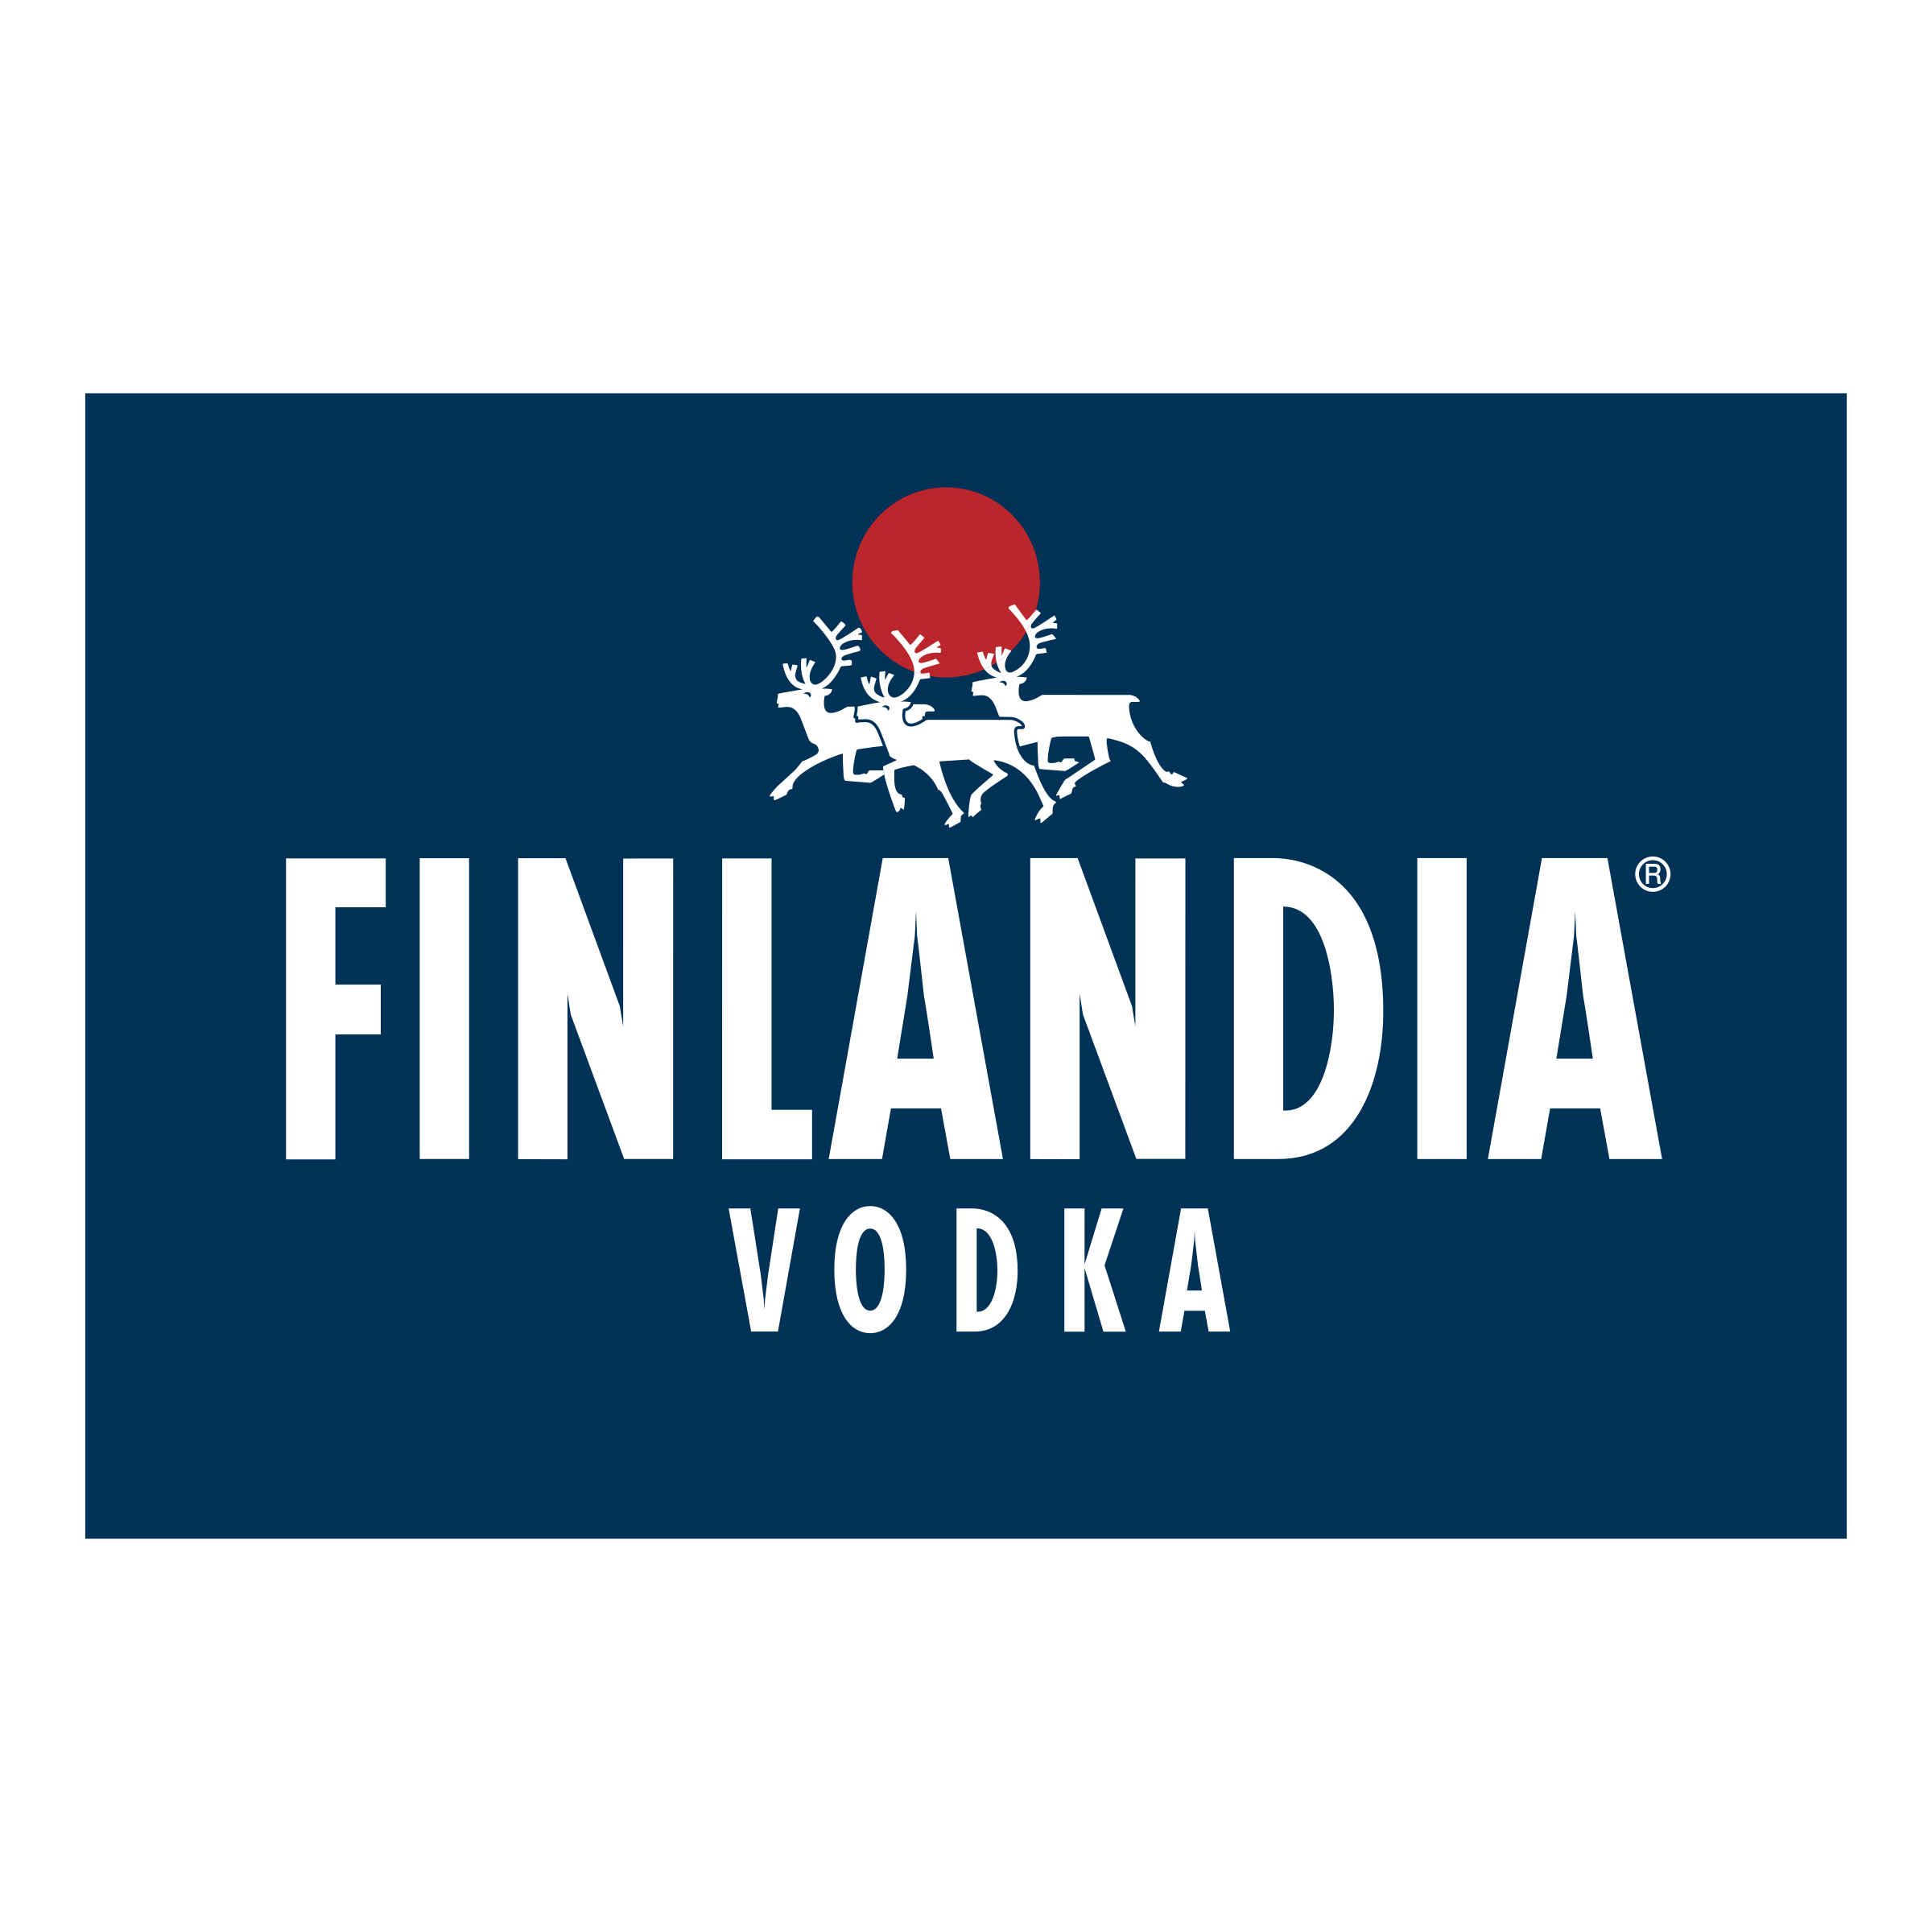 finlandia-vodka.png